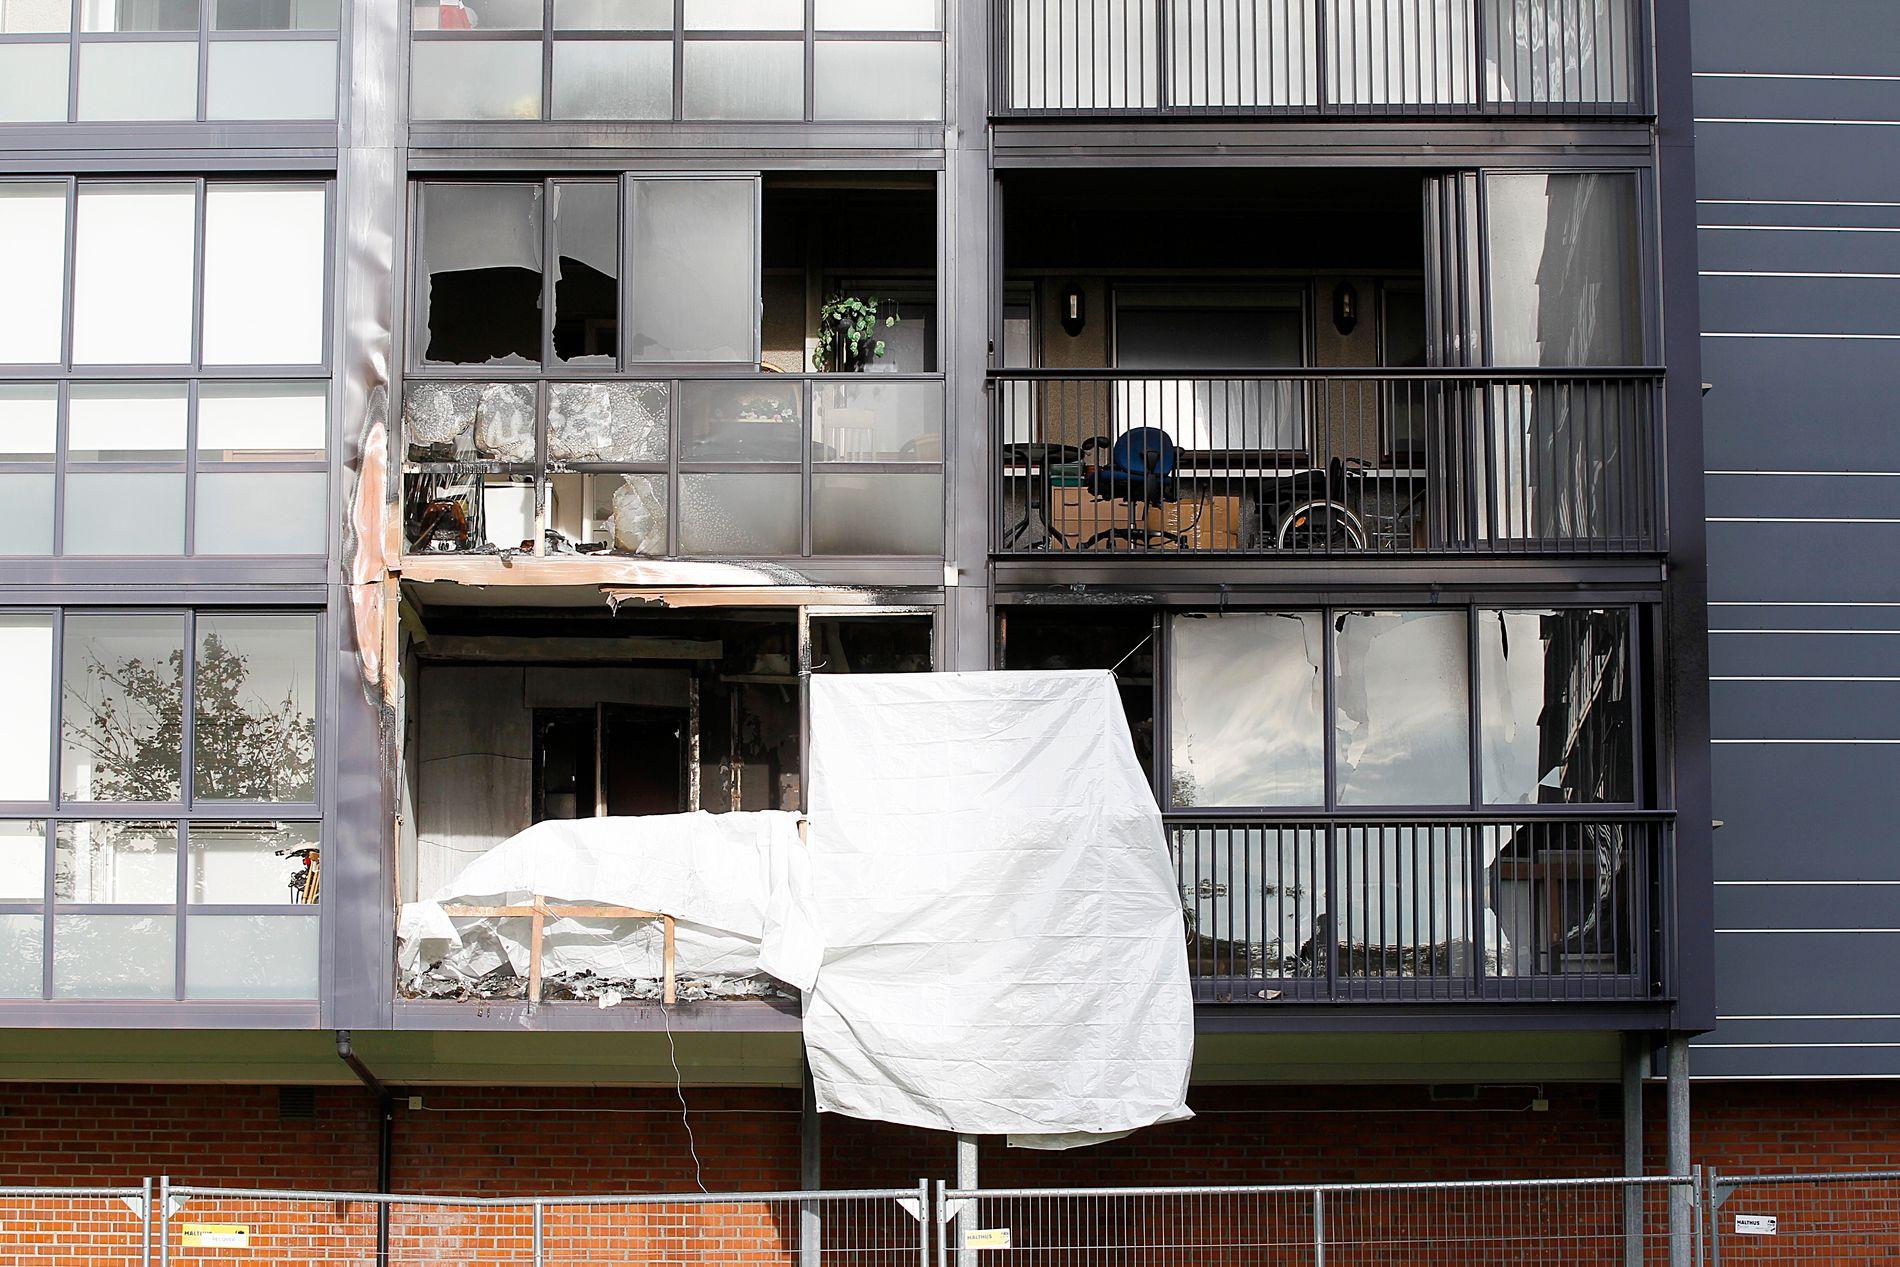 STORE SKADER: Det var på denne verandaen at Terje Sjåberg (52) ble funnet drept mandag 2. oktober. Slik så det ut på stedet to dager senere.